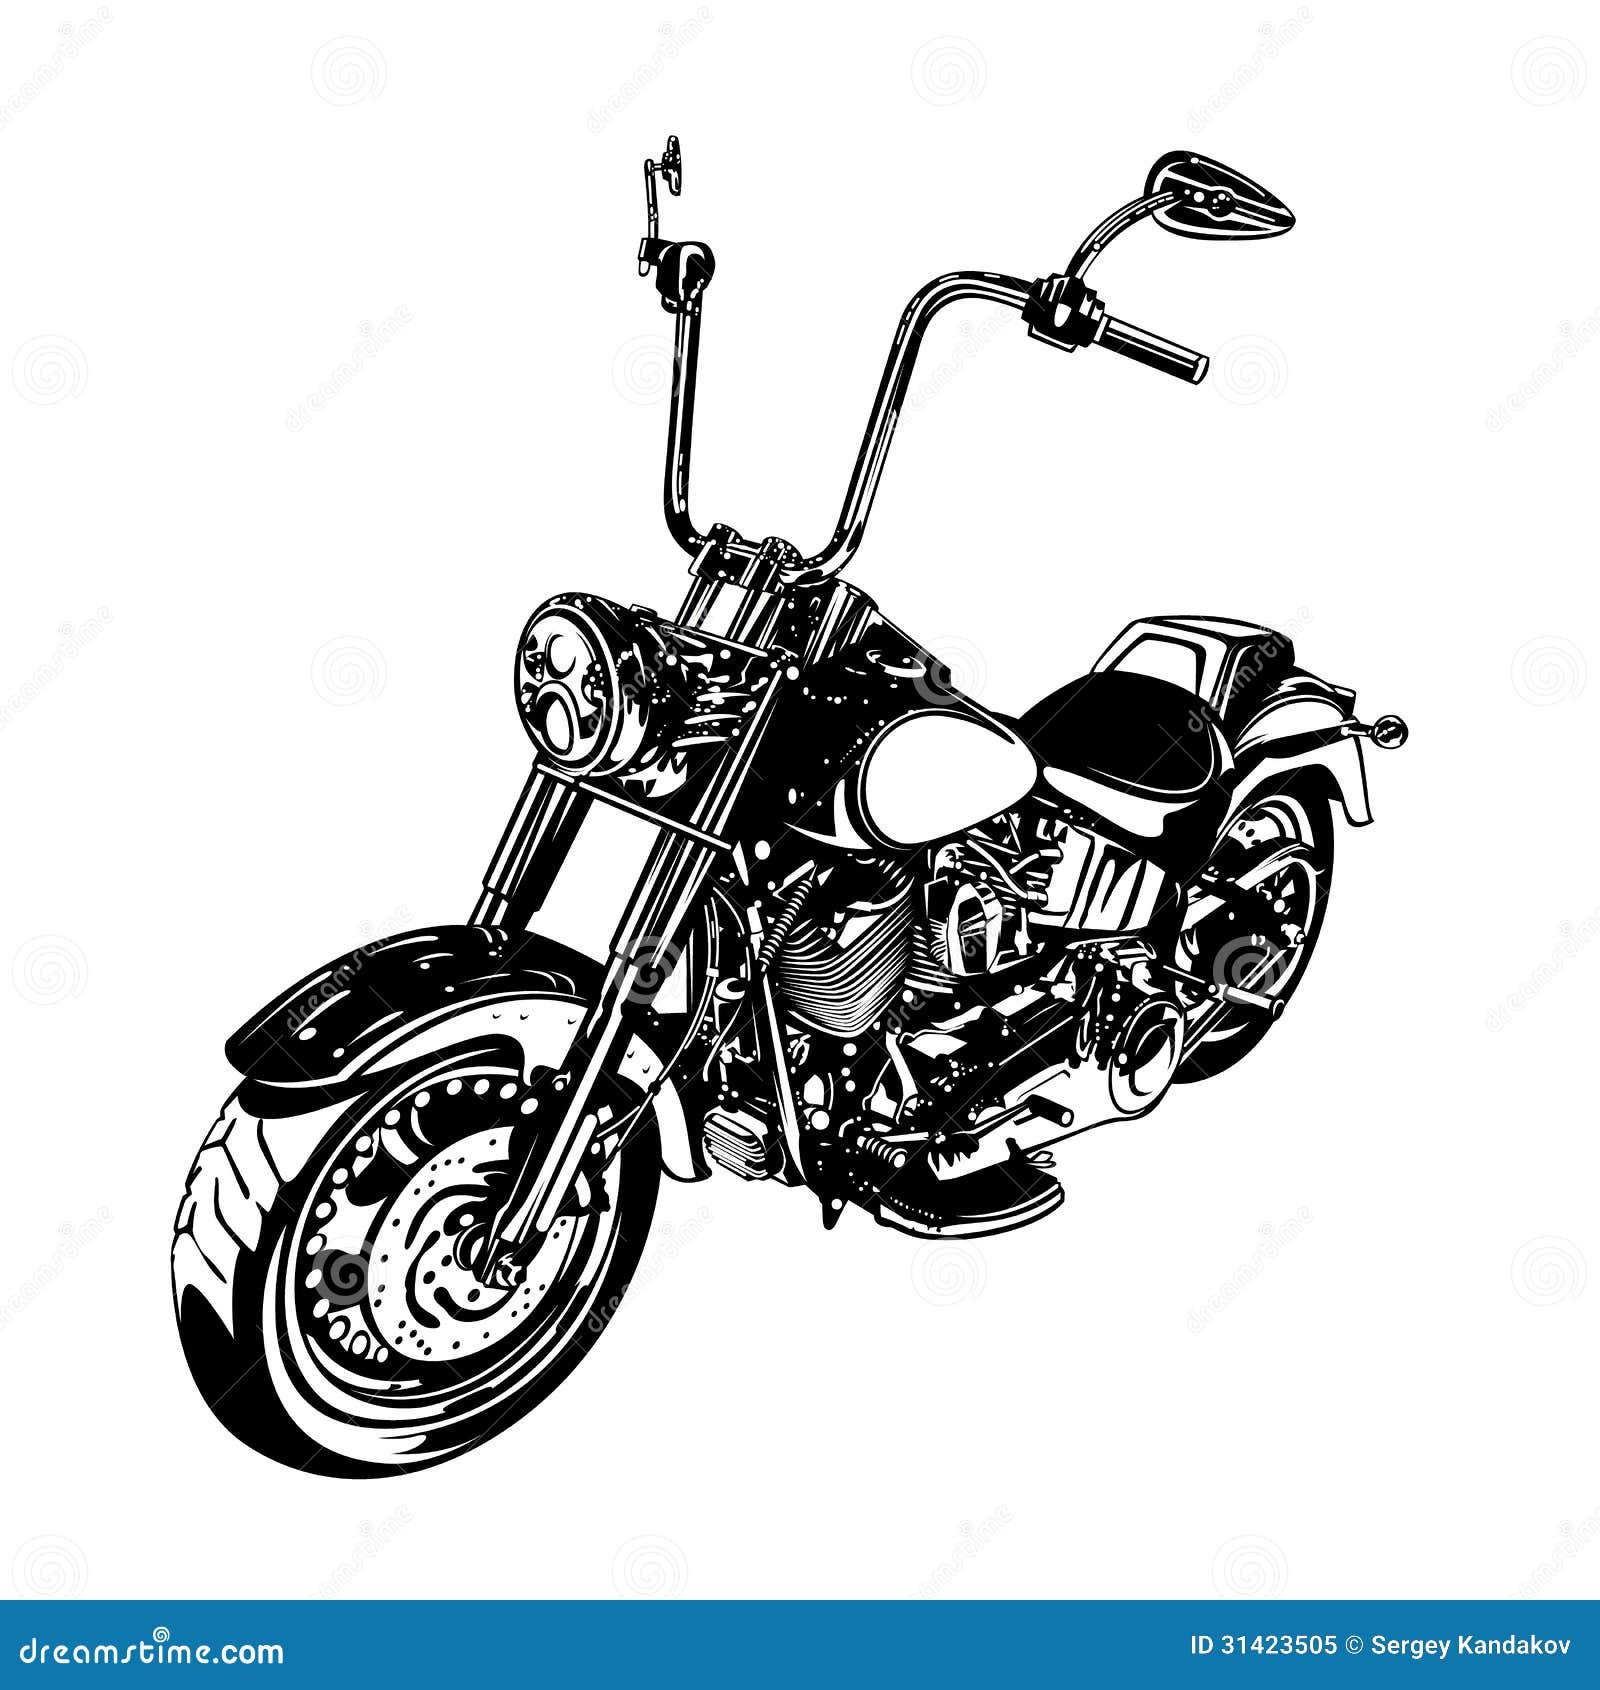 Avbrytare skräddarsy motorcykel